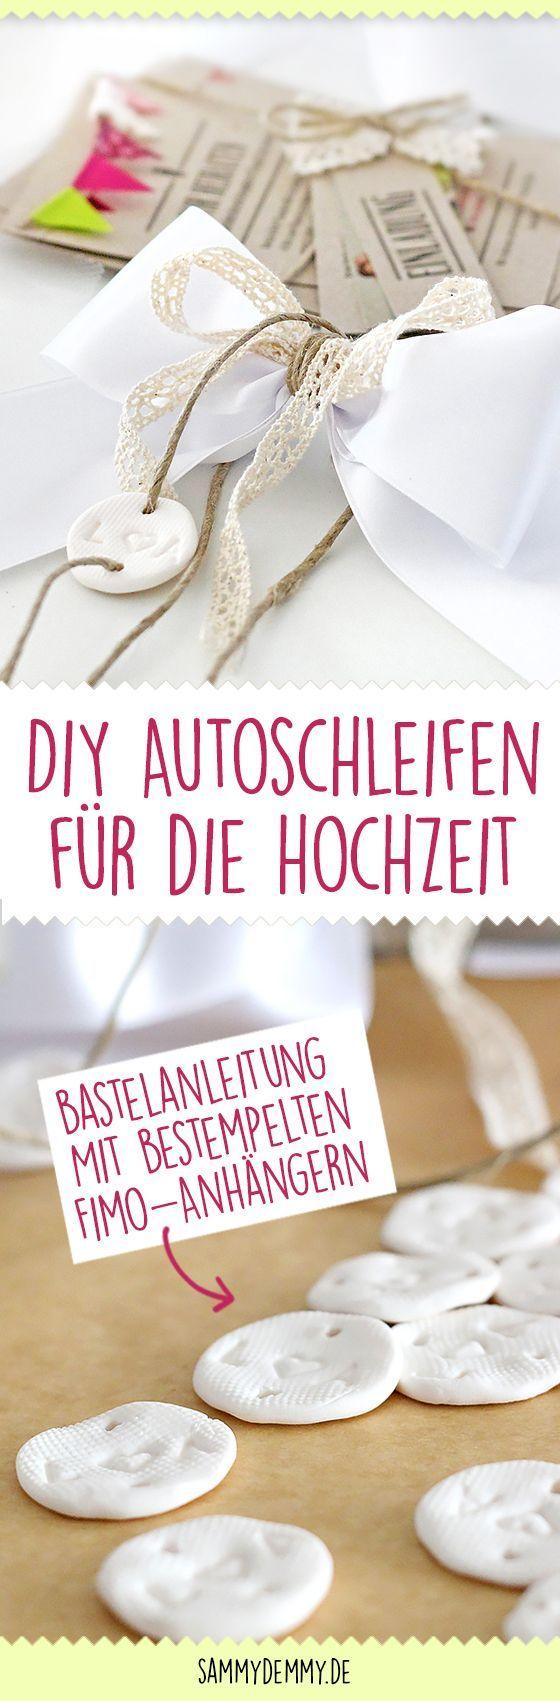 Wunderschöne DIY Autoschleifen für die Hochzeit: Anleitung zum selber basteln – Geschenke zur Hochzeit